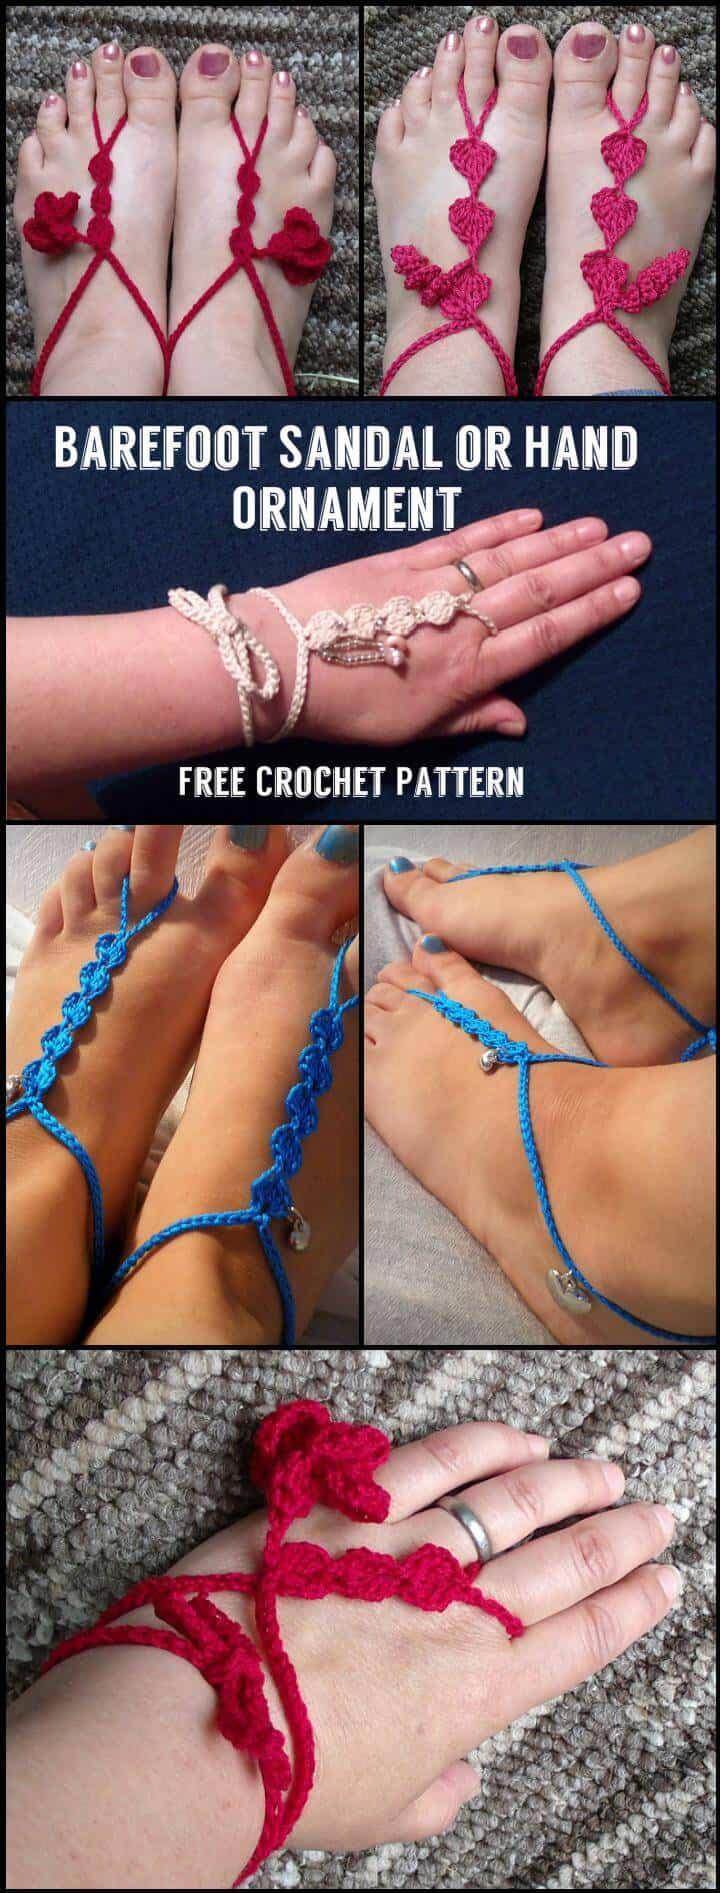 Crochet Barefoot Sandal or Hand Ornament